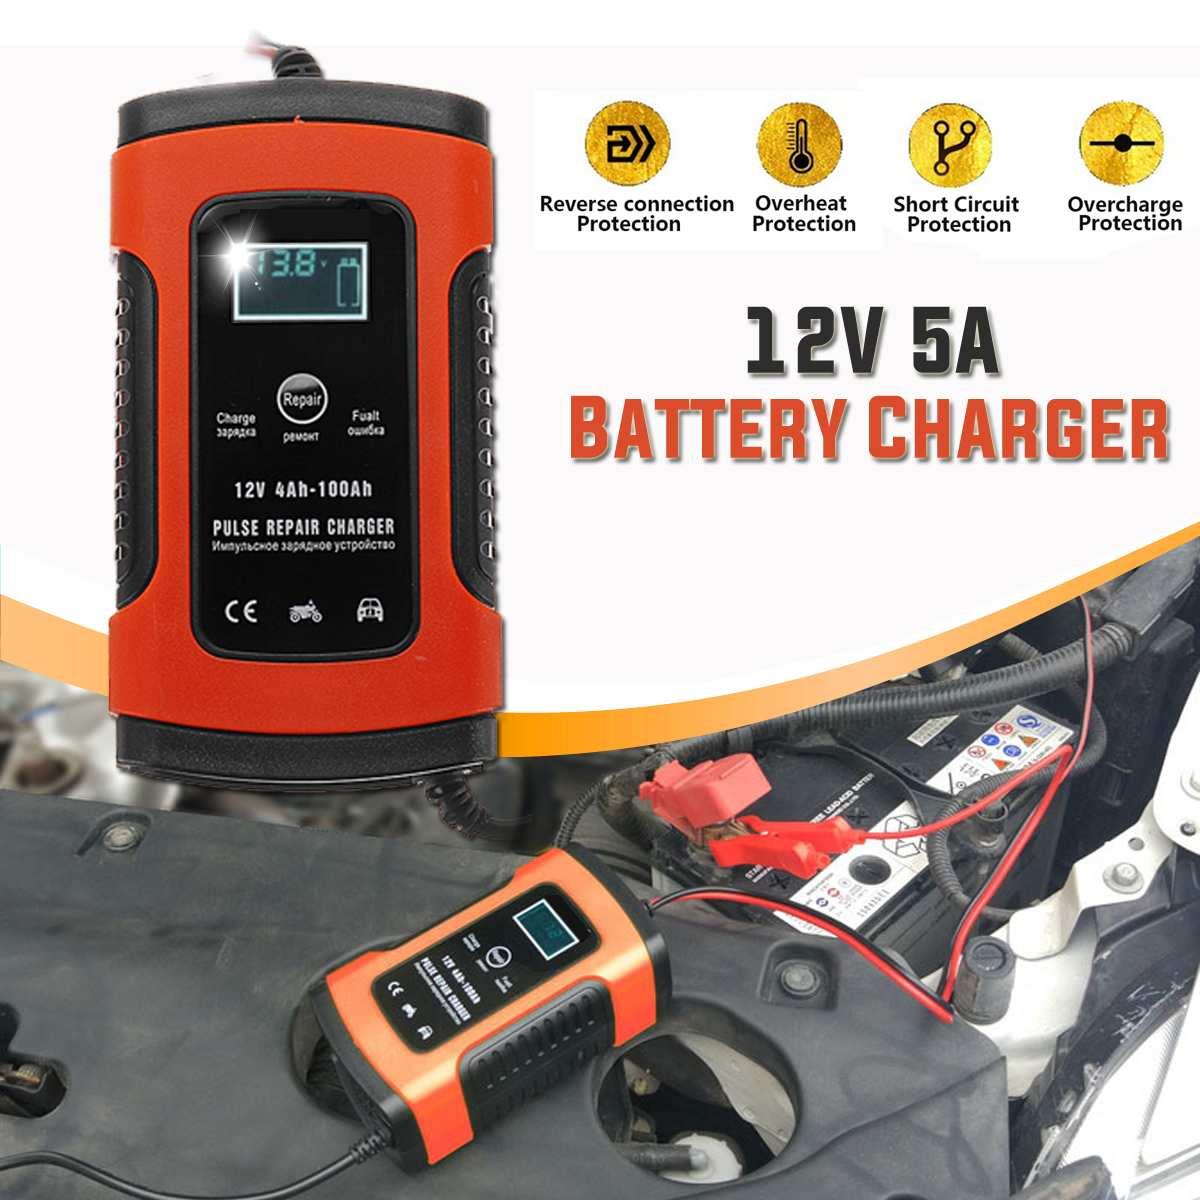 Audew-cargador de batería Digital LCD, para reparación de pulsos, 12V, 5A, rojo, para motos de coche, Agm Gel, cargadores de batería de ácido y plomo mojado